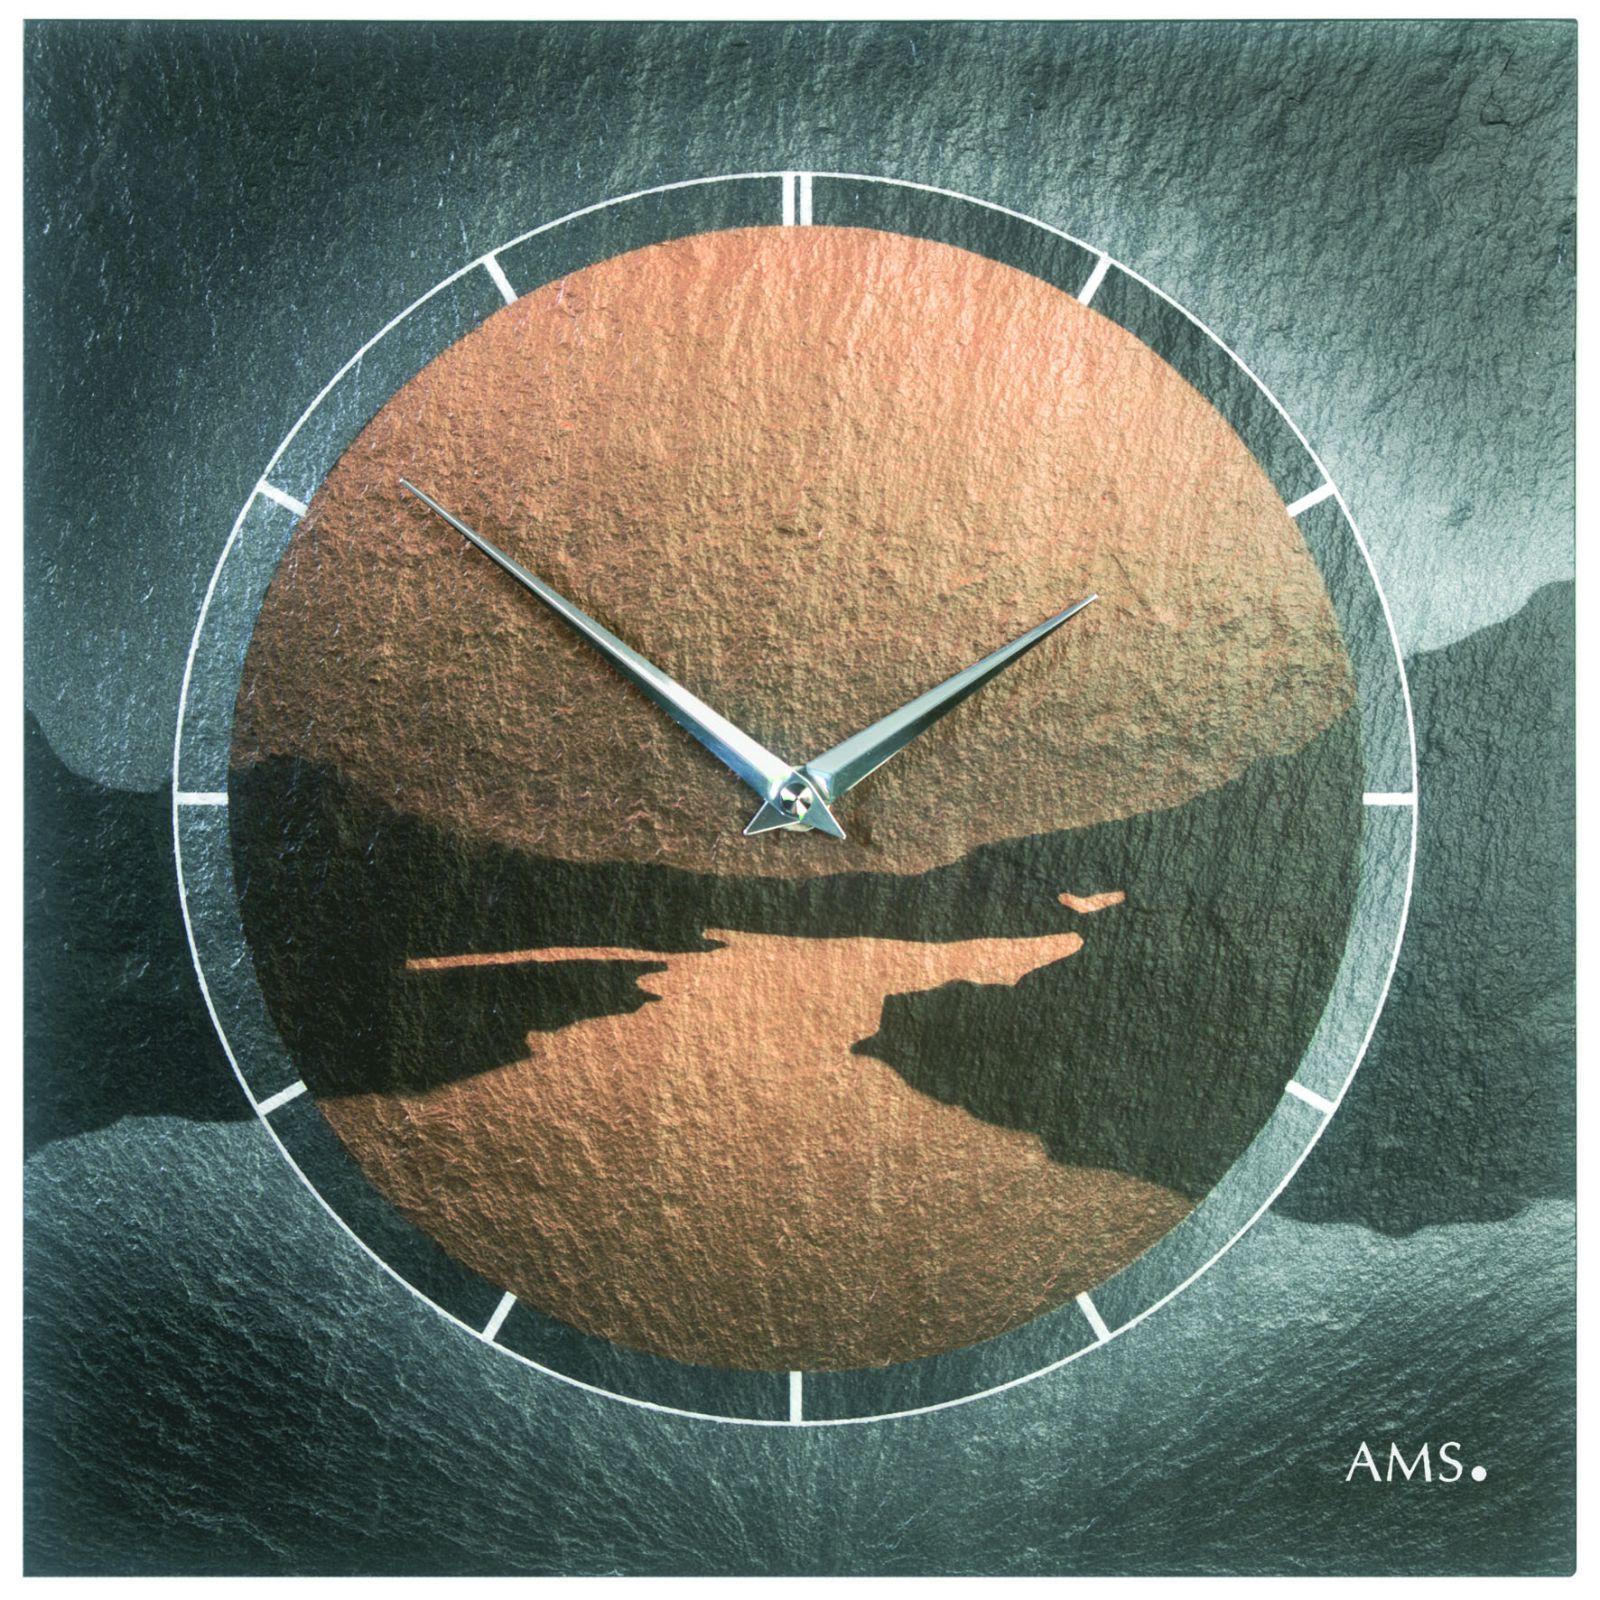 Moderní nástěnné hodiny AMS 9513 řízené rádiem